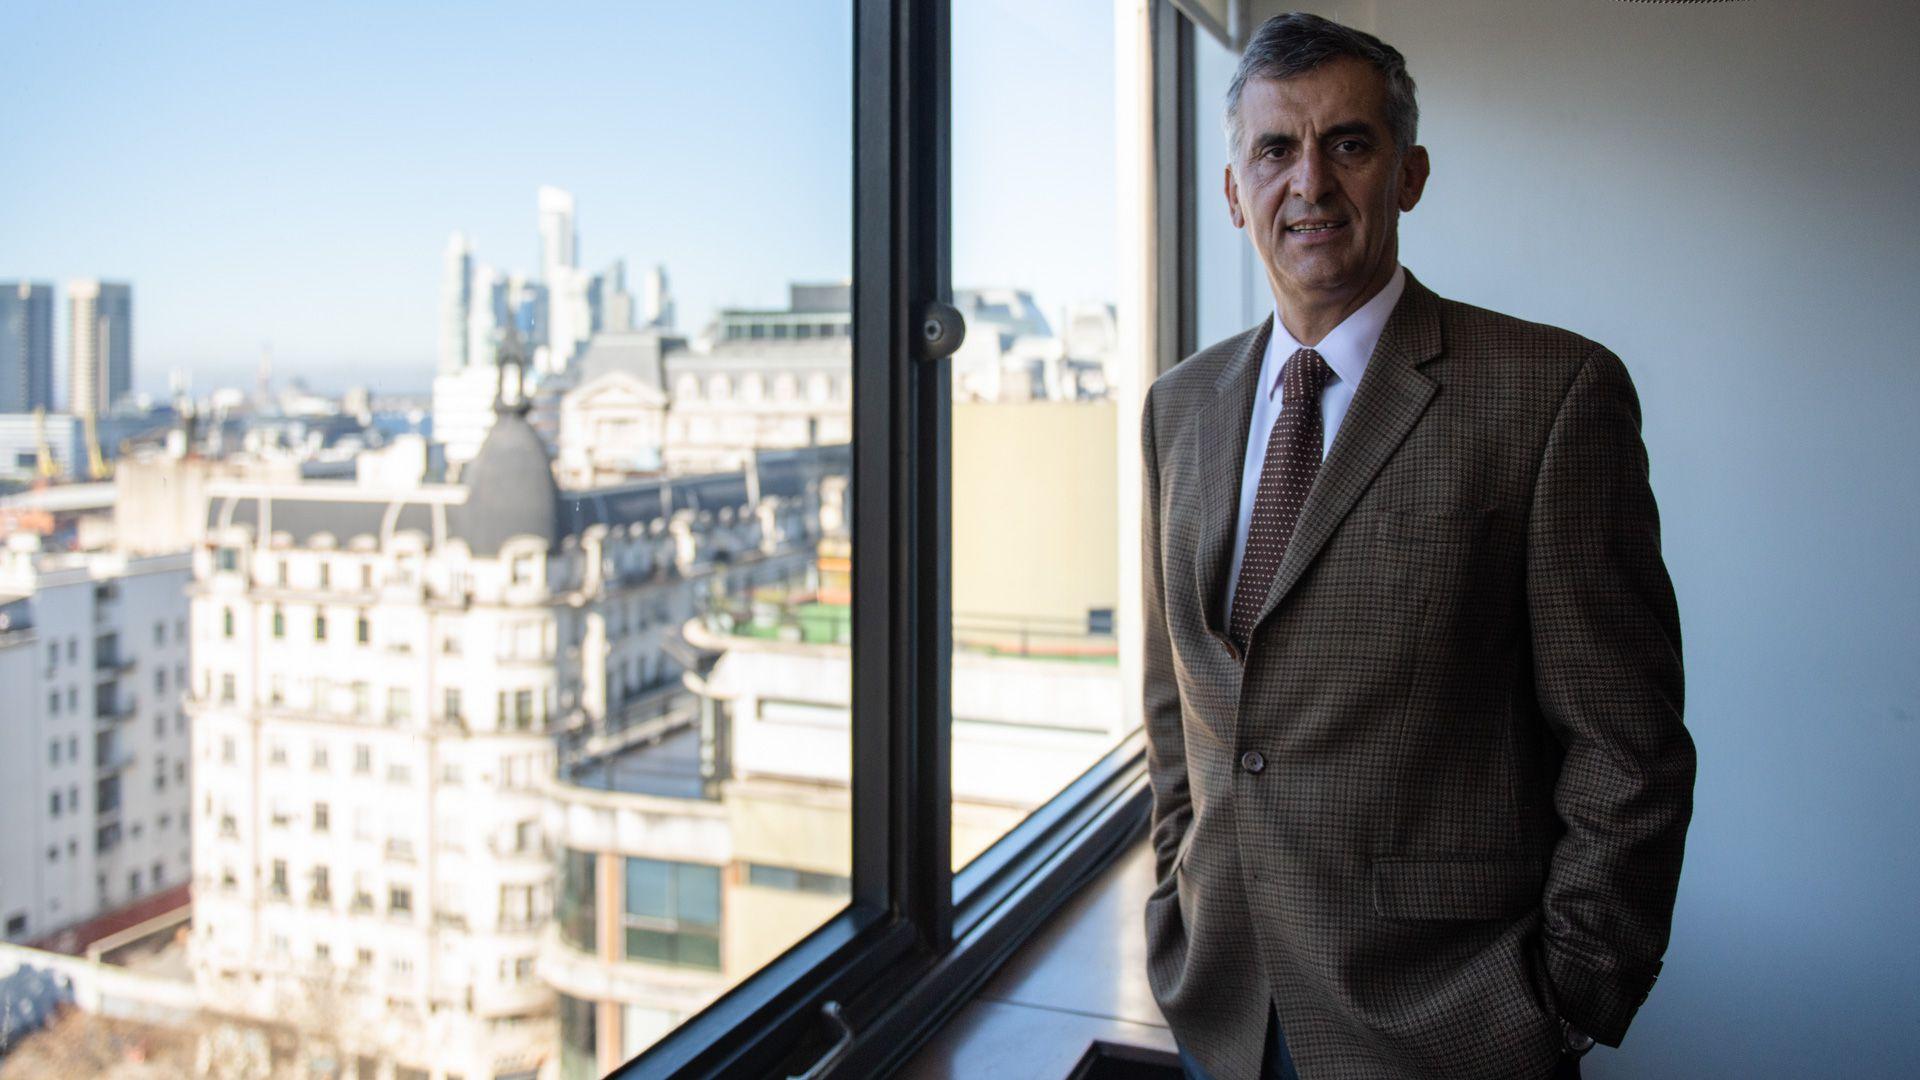 """""""Creo que el desafío para el gobierno de Alberto Fernández es si logrará terminar el mandato con un nivel actividad similar al último pico de 2017, el cual no es muy exigente, dado que era similar en términos nominales al de 2010, aunque mucho menor en el promedio por habitante"""""""